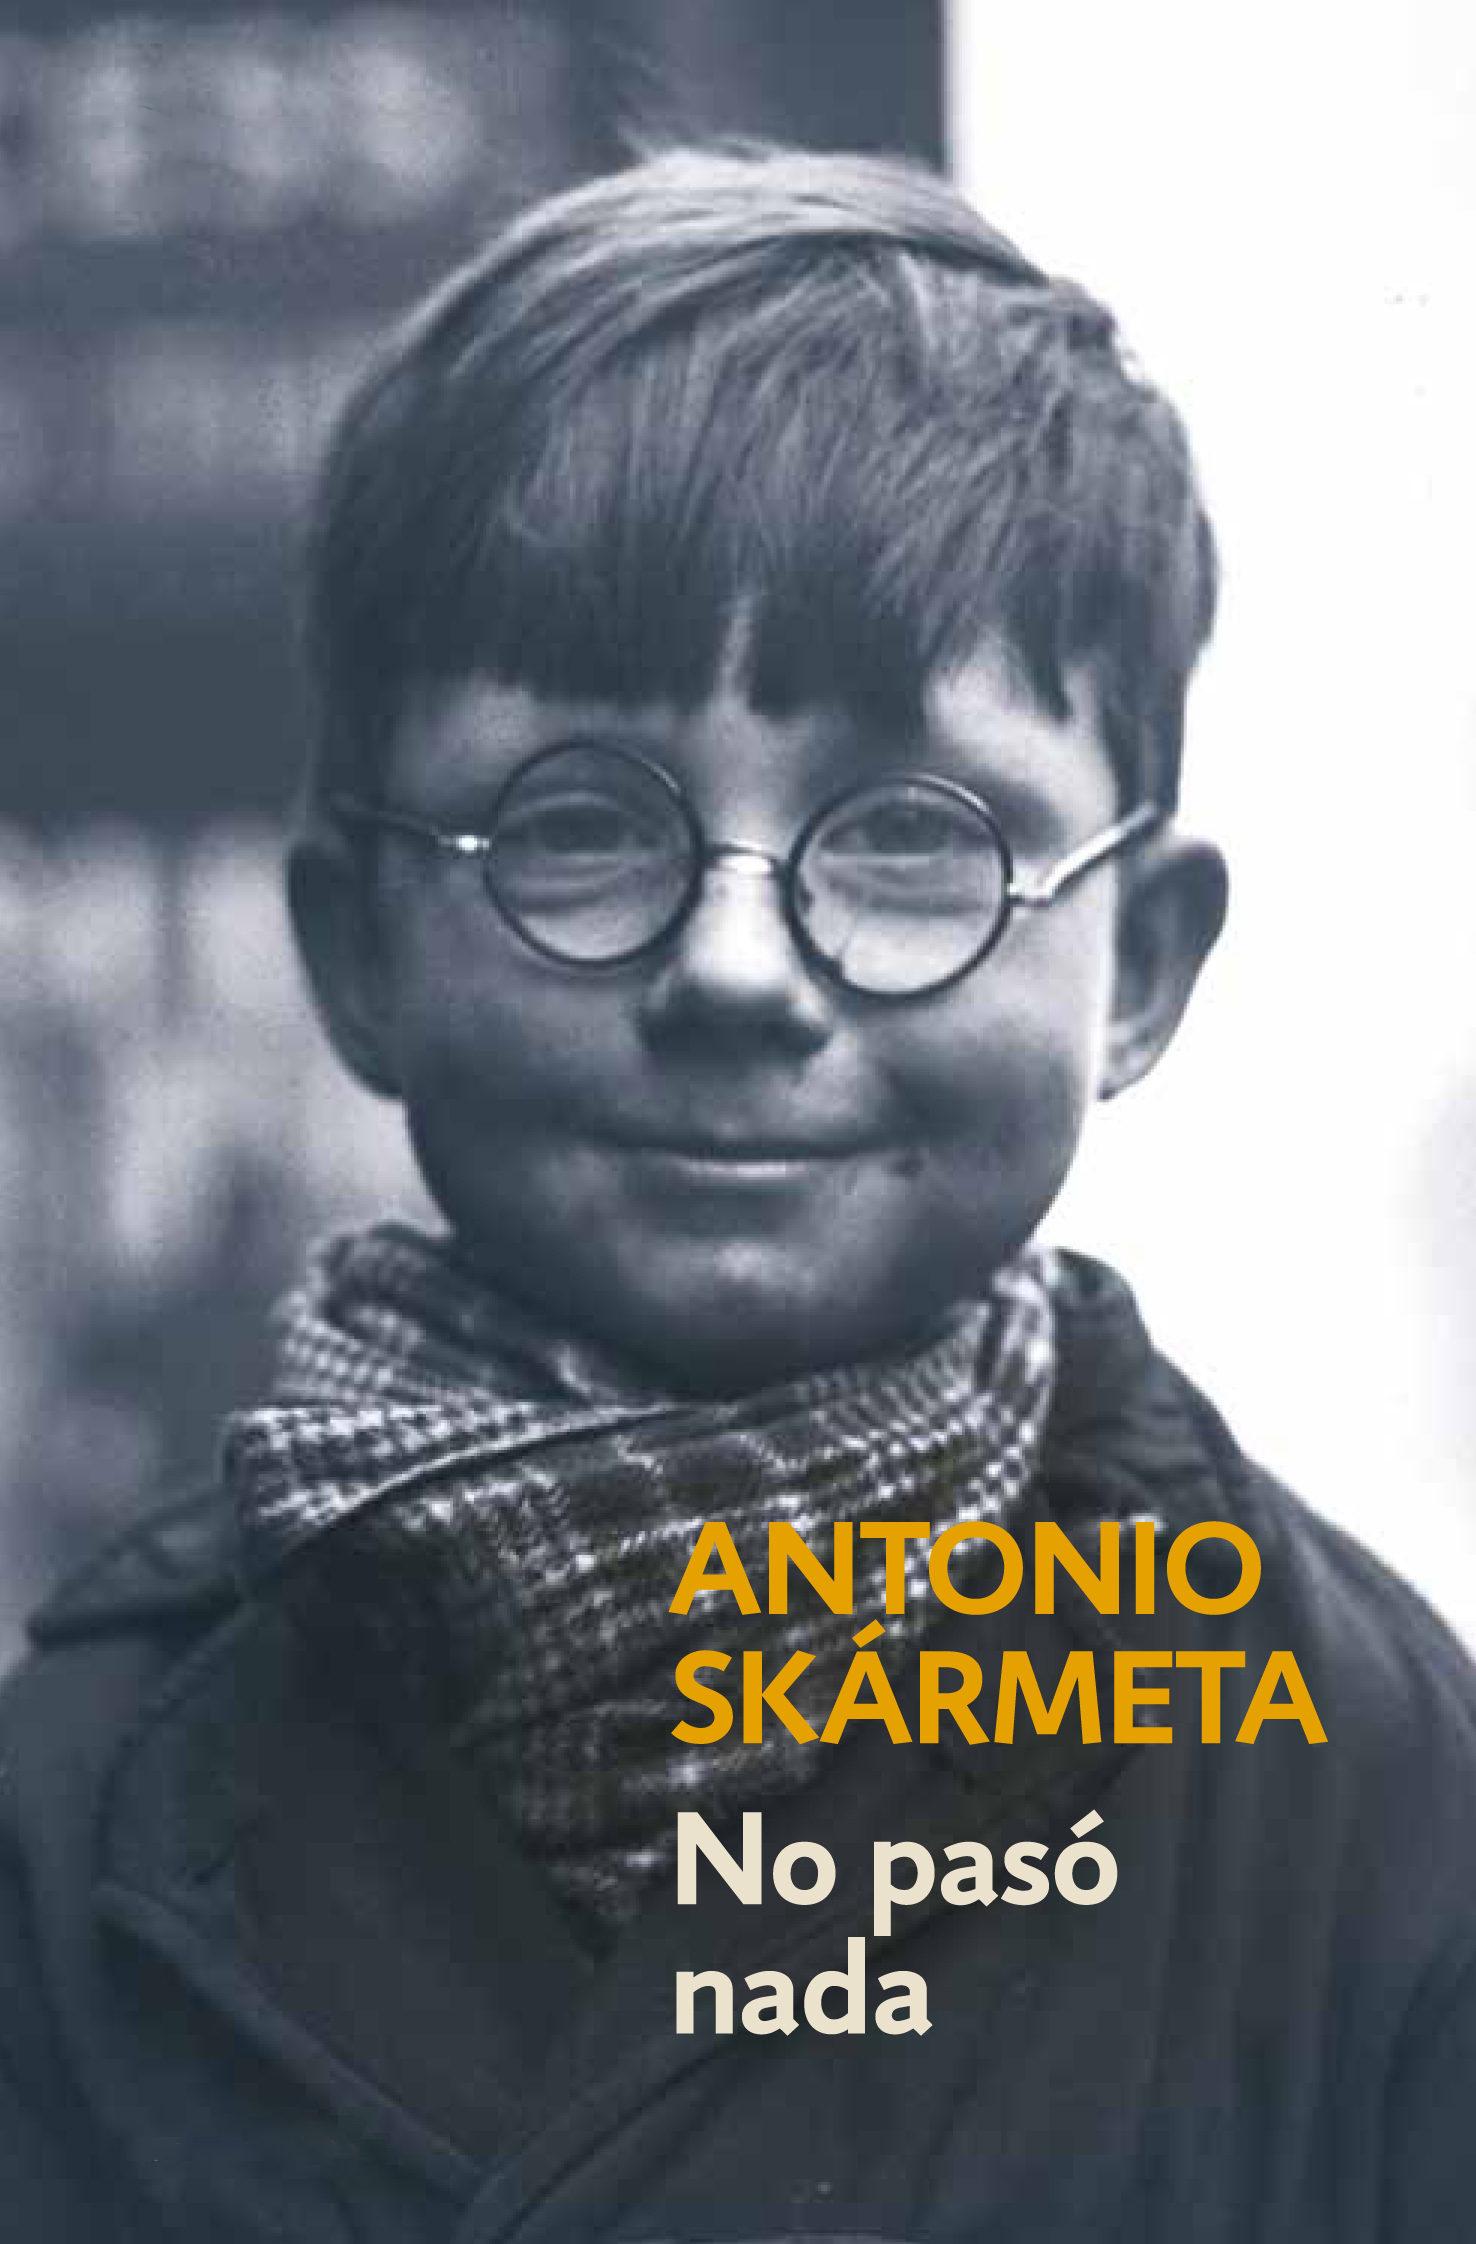 Antonio skarmeta 8